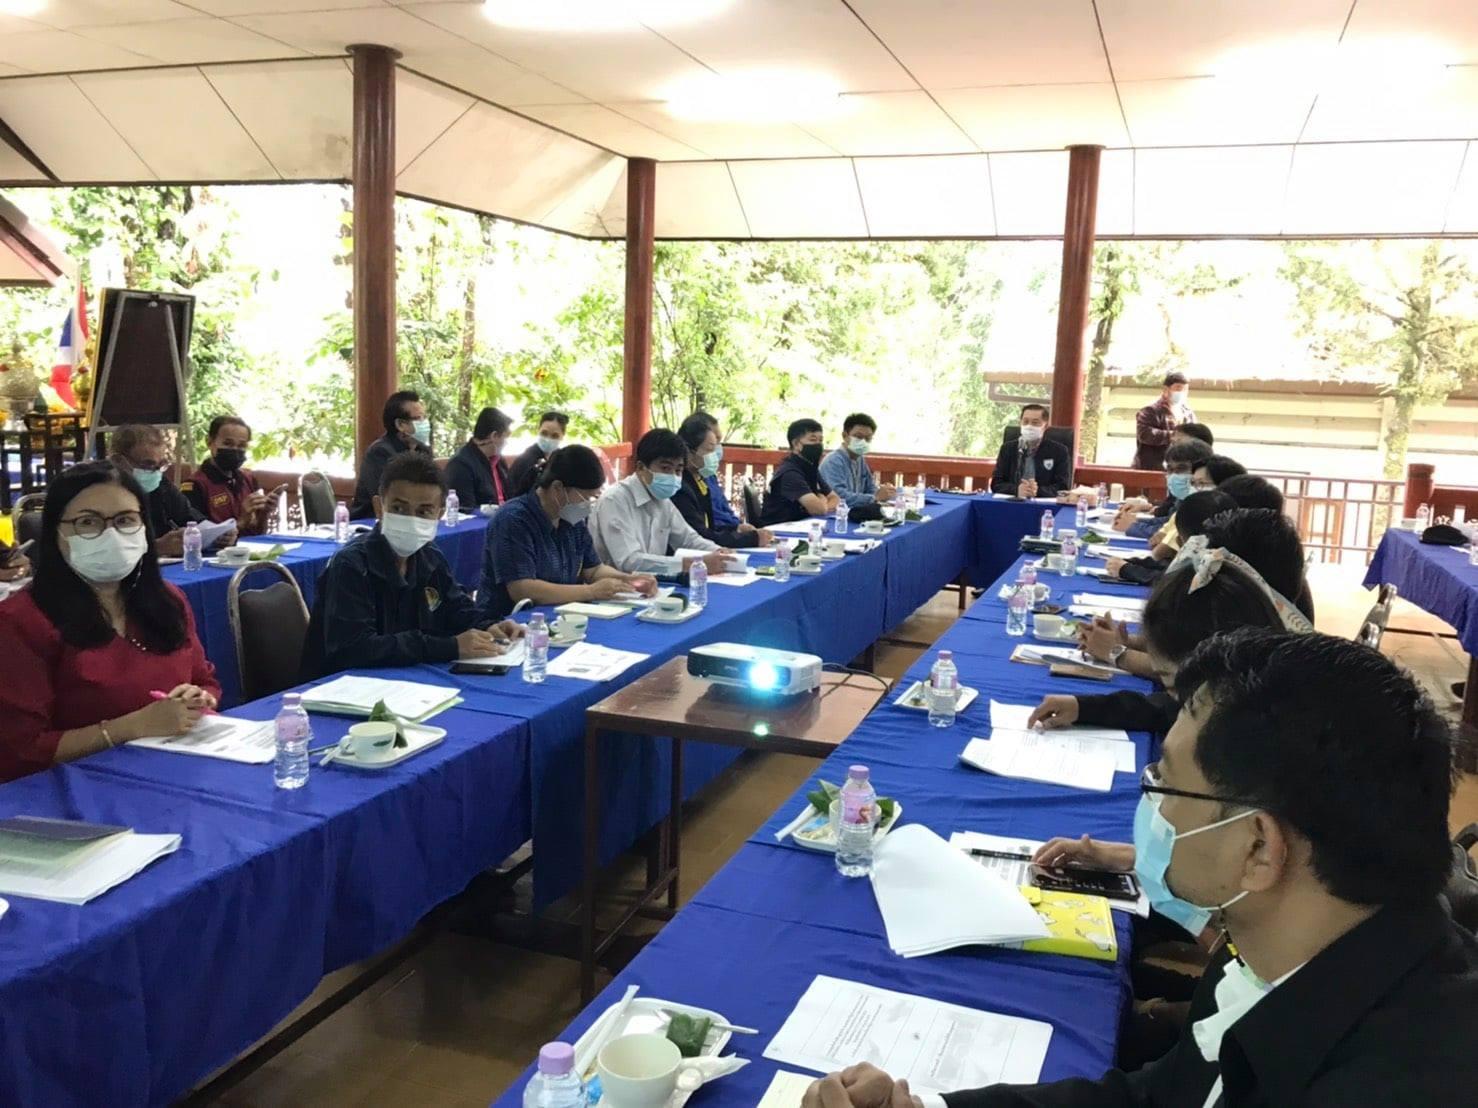 ประชุมพิจารณาร่างแผนแม่บทศูนย์บริการและพัฒนาที่สูงปางตองตามพระราชดำริ